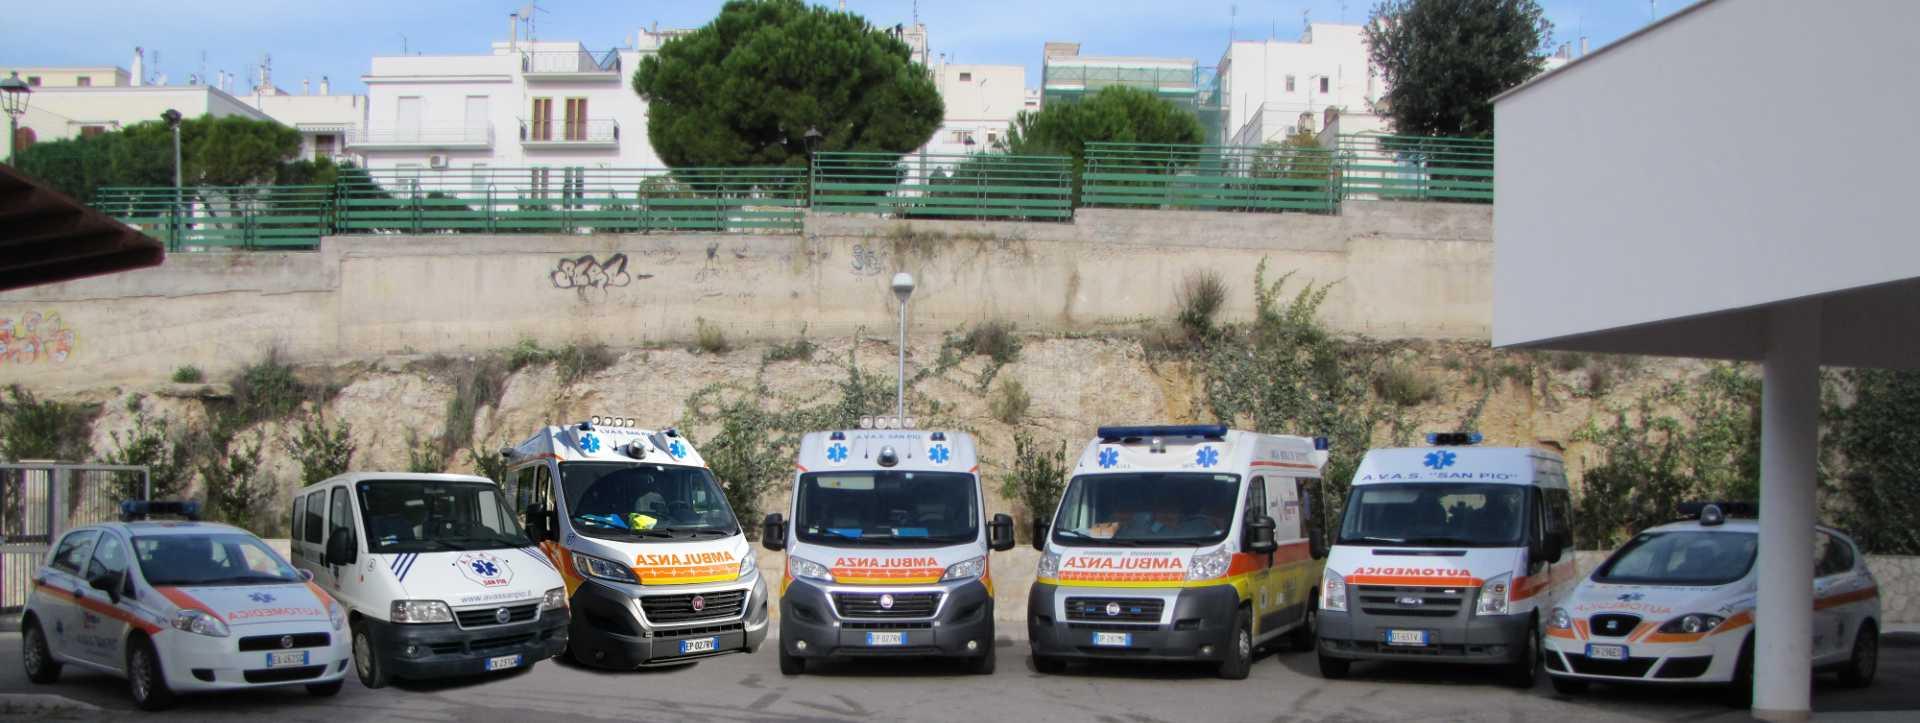 Servizio ambulanza per l'accompagnamento dei malati a San Giovanni Rotondo